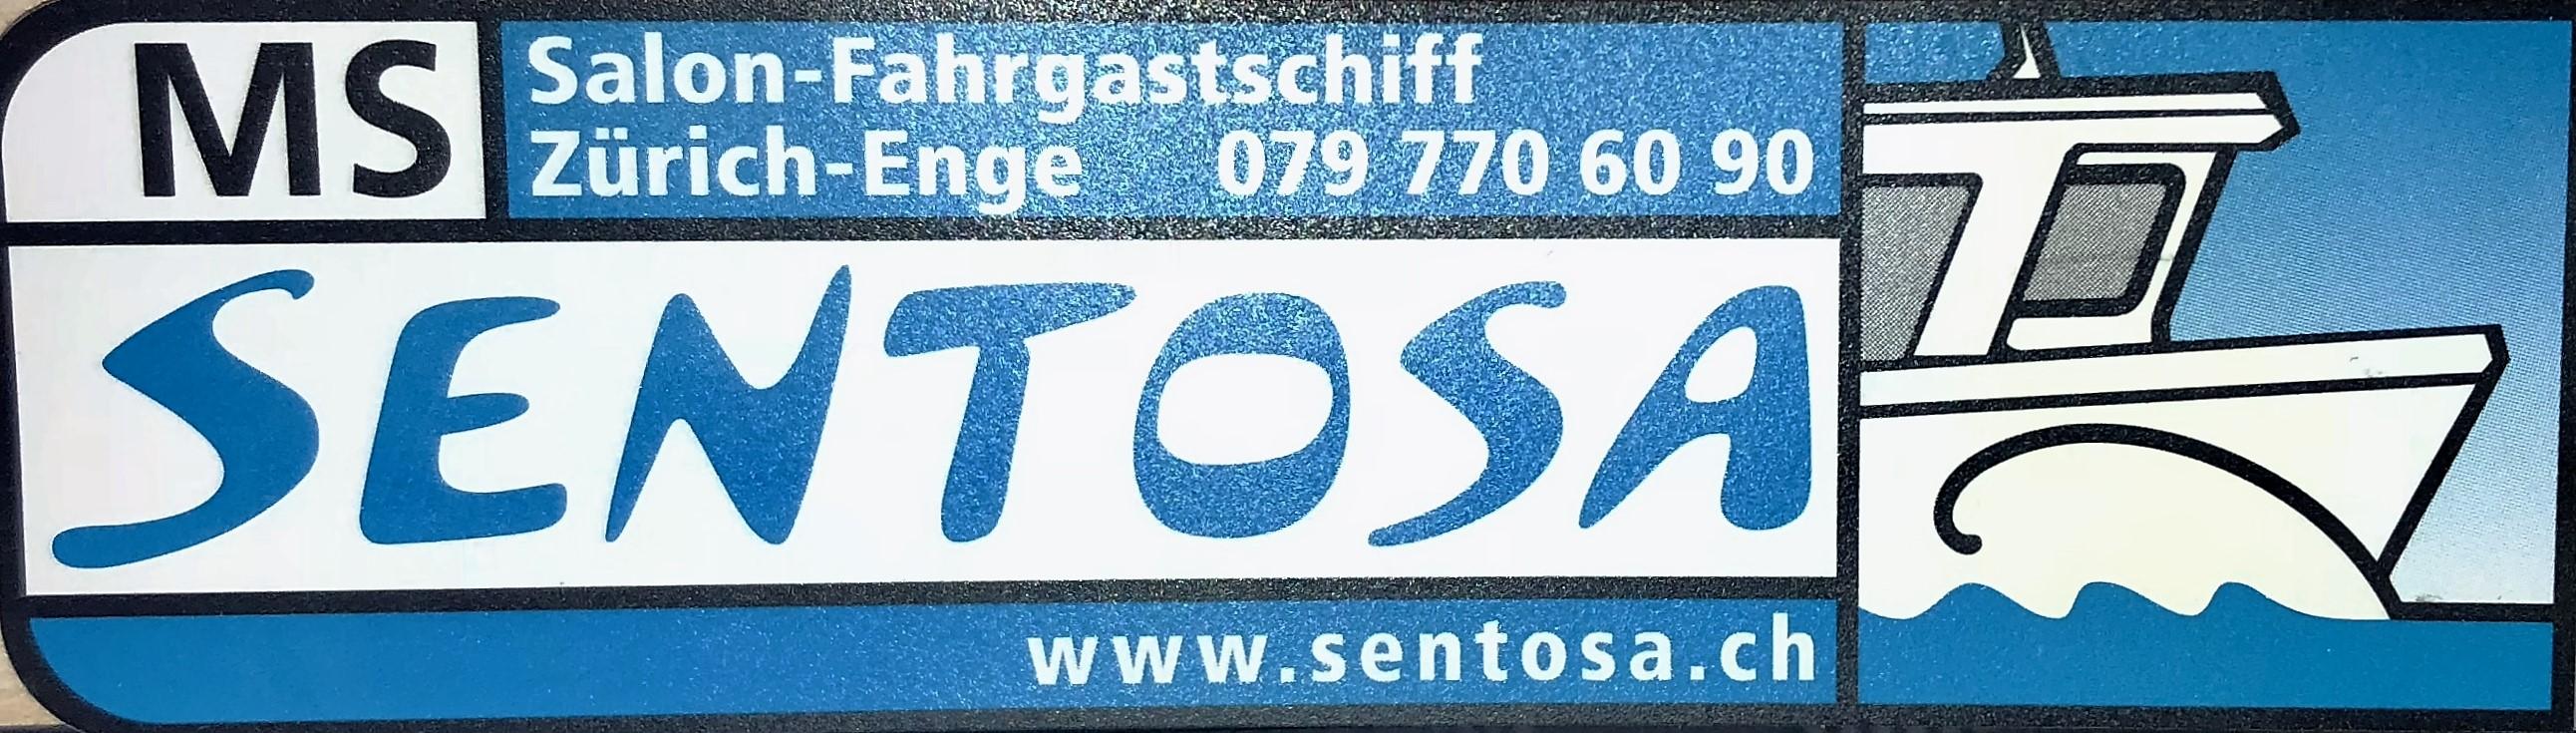 Schiffsbetrieb Sentosa AG